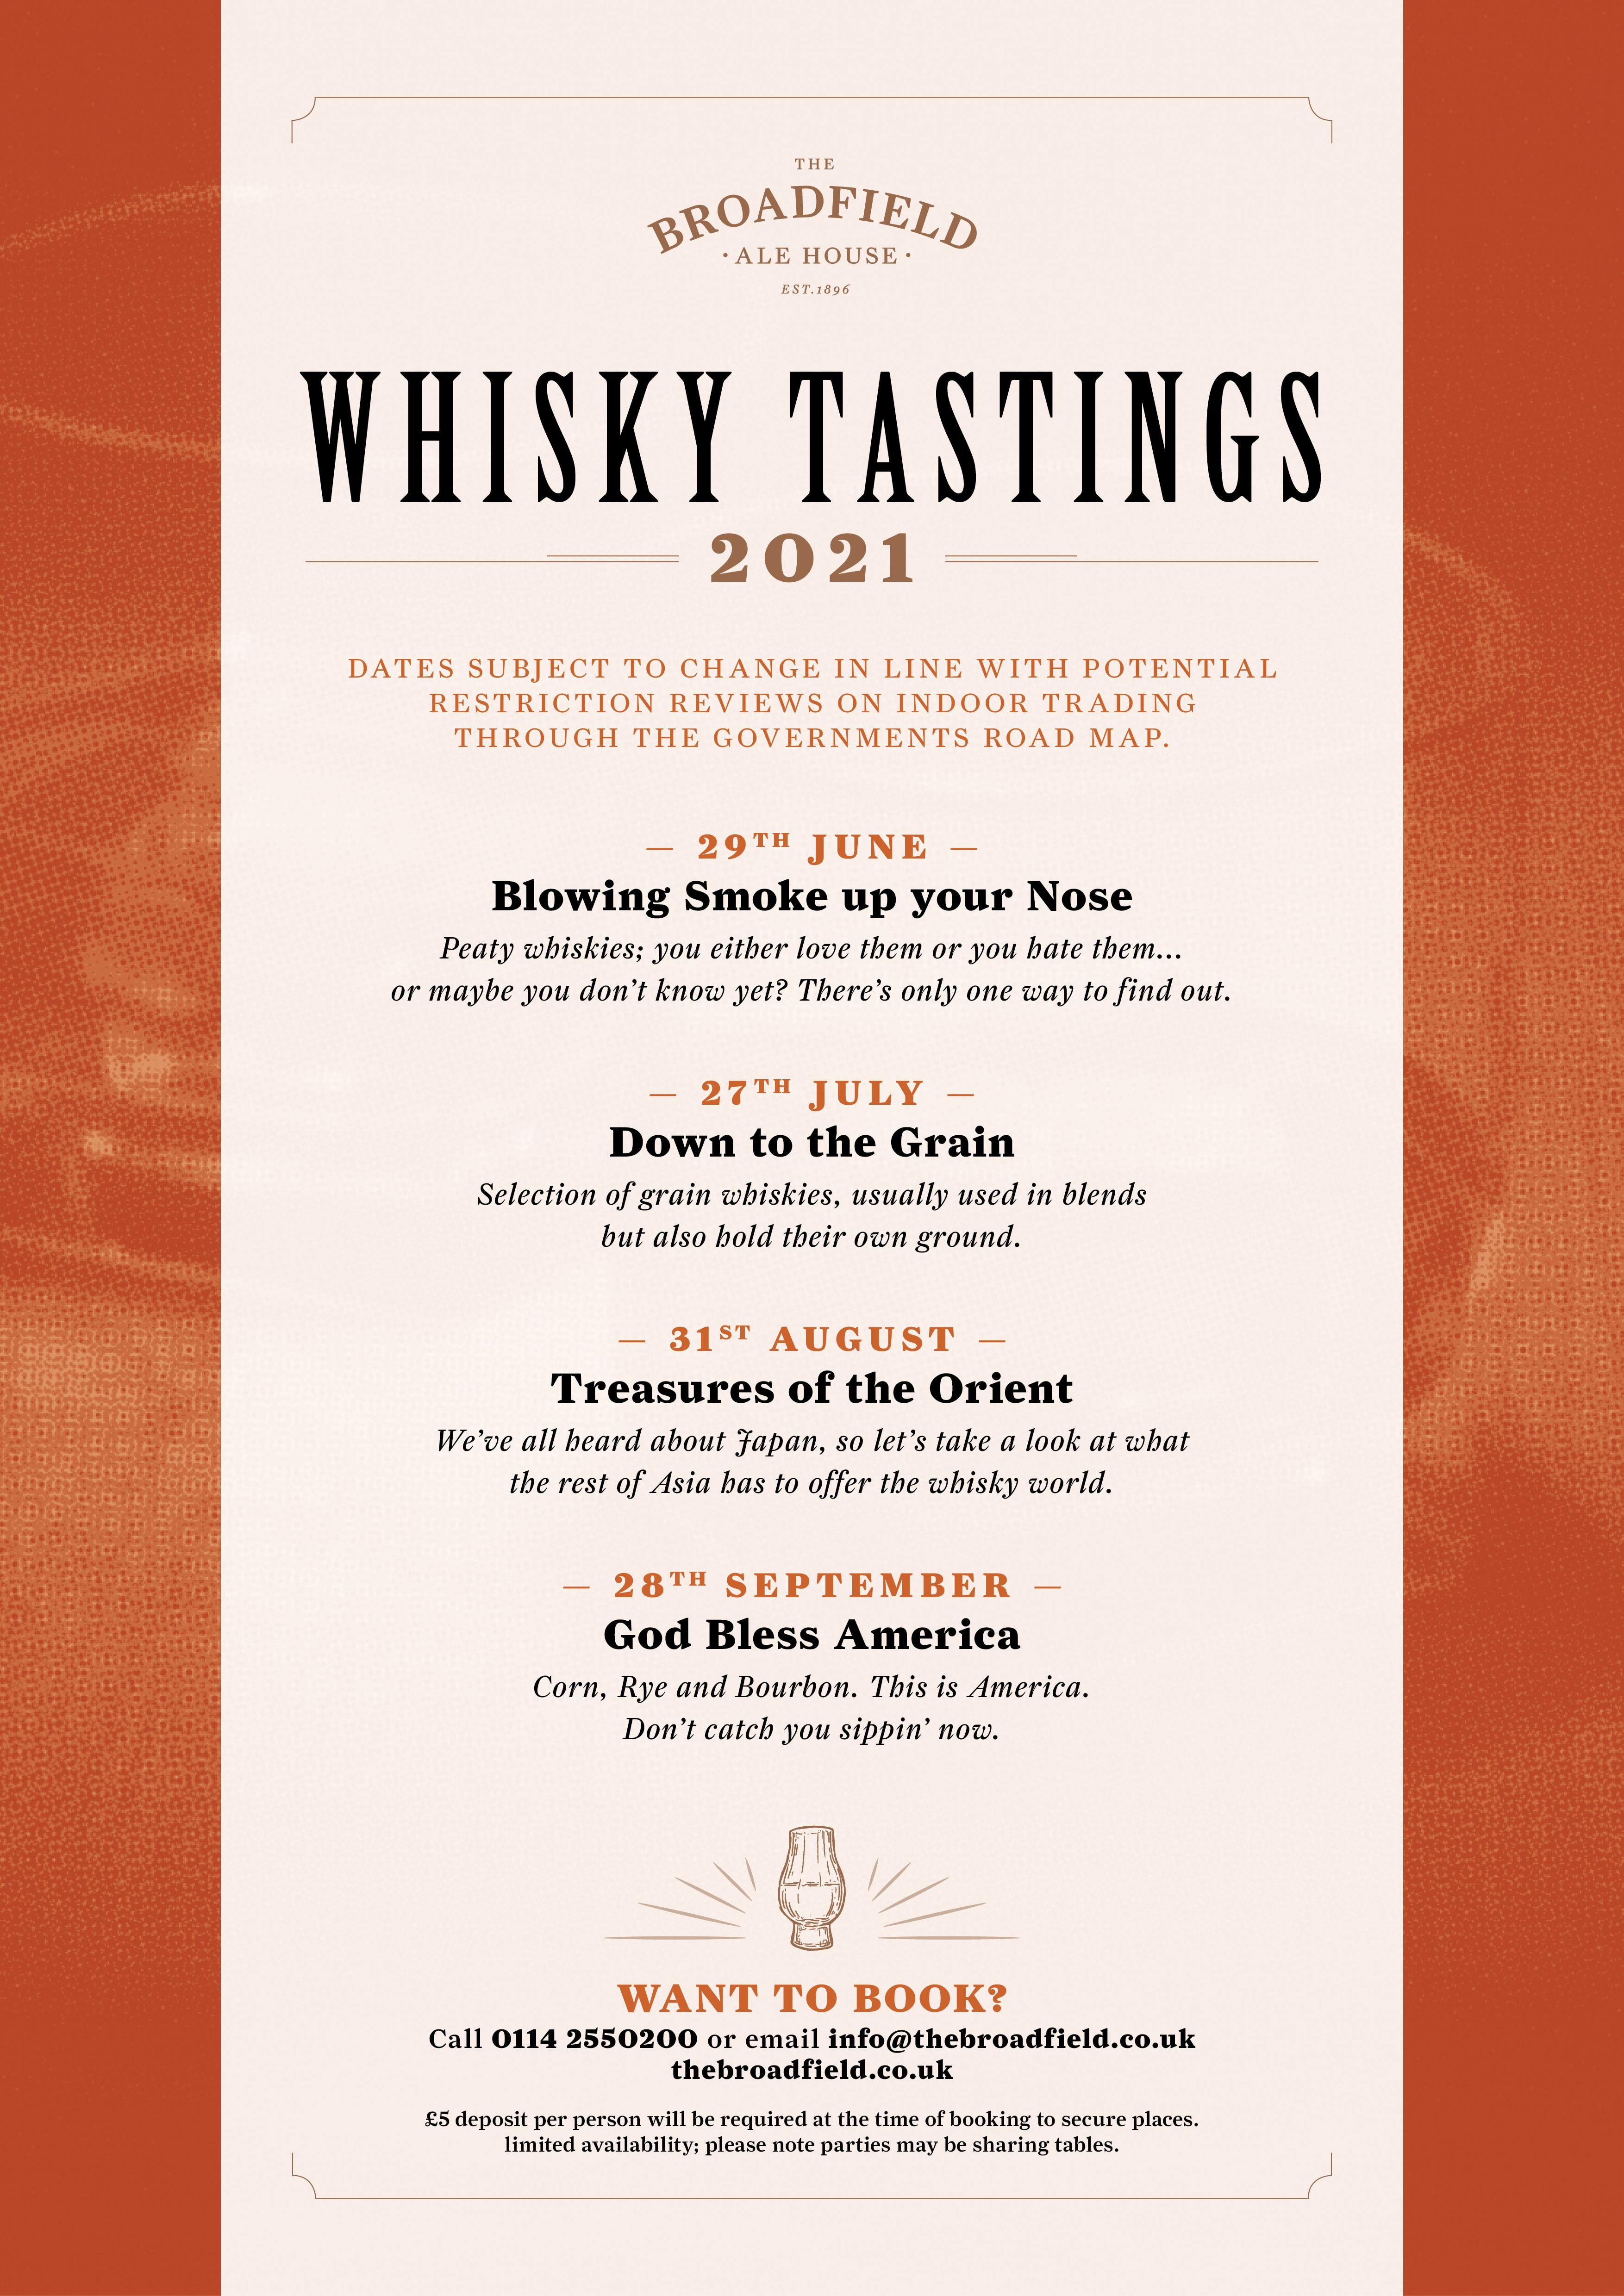 The Broadfield Whisky Tastings 2021